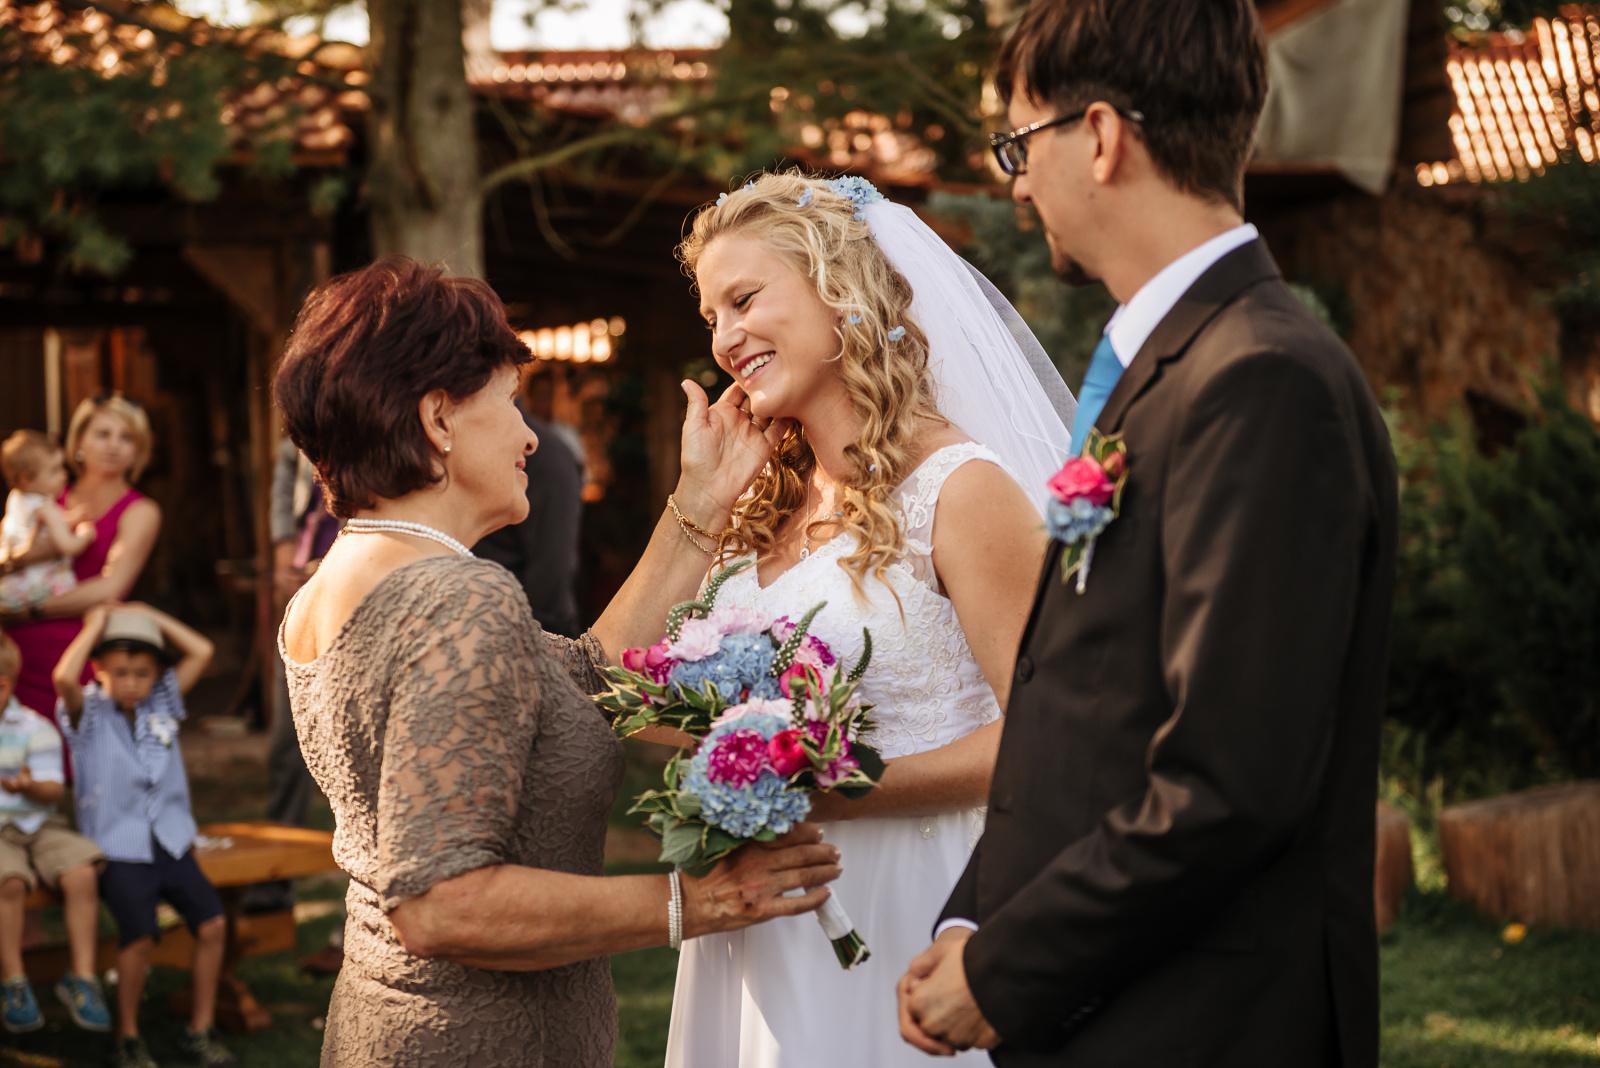 dobrý svatební fotograf zachytí i emoce